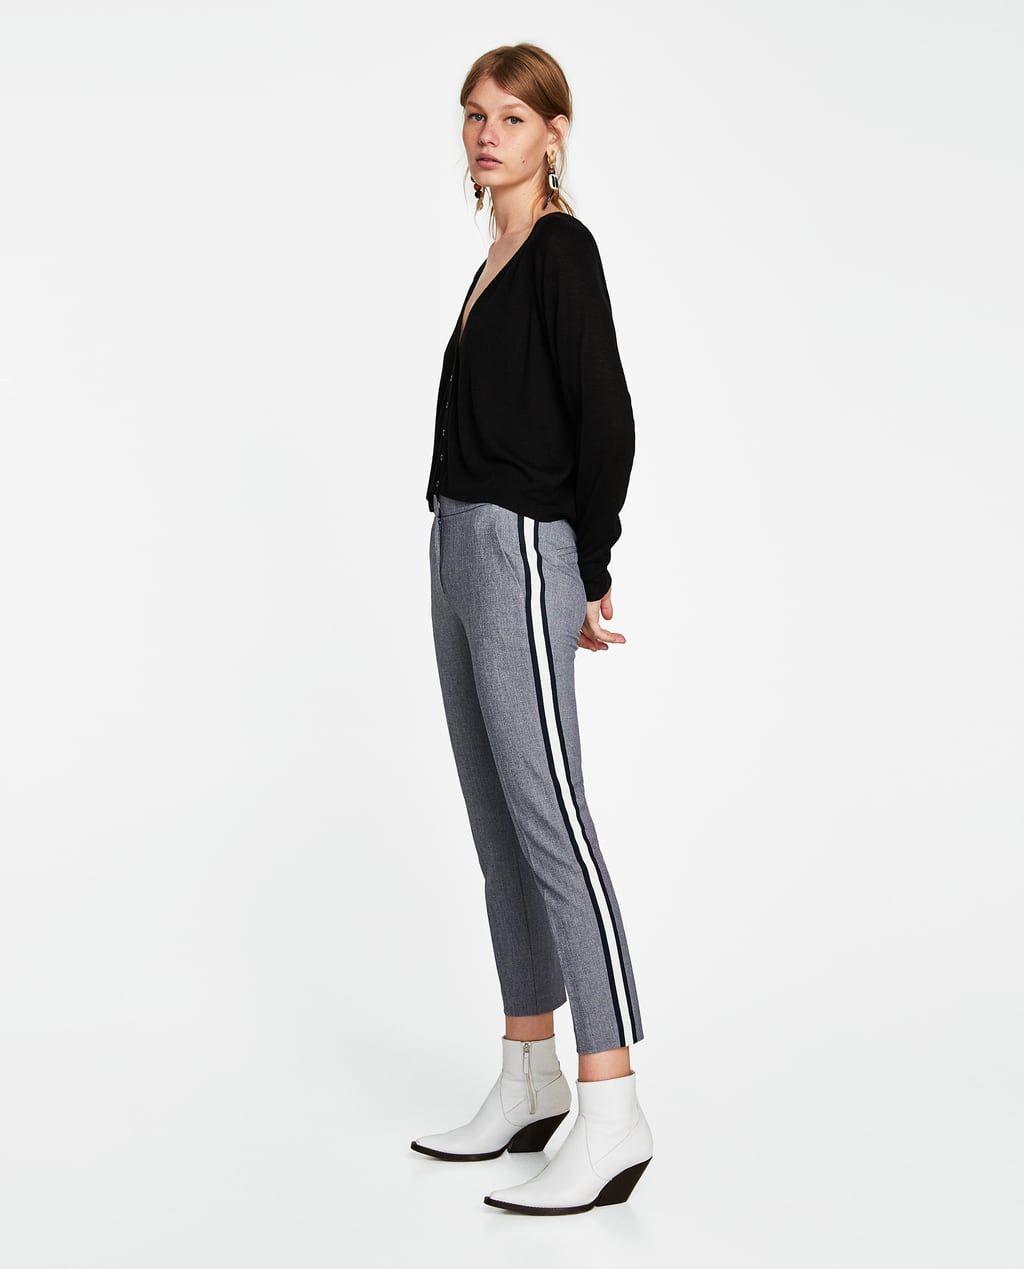 Pantalons pour femme   Nouvelle Collection en ligne   ZARA France ... cc4c3a262be